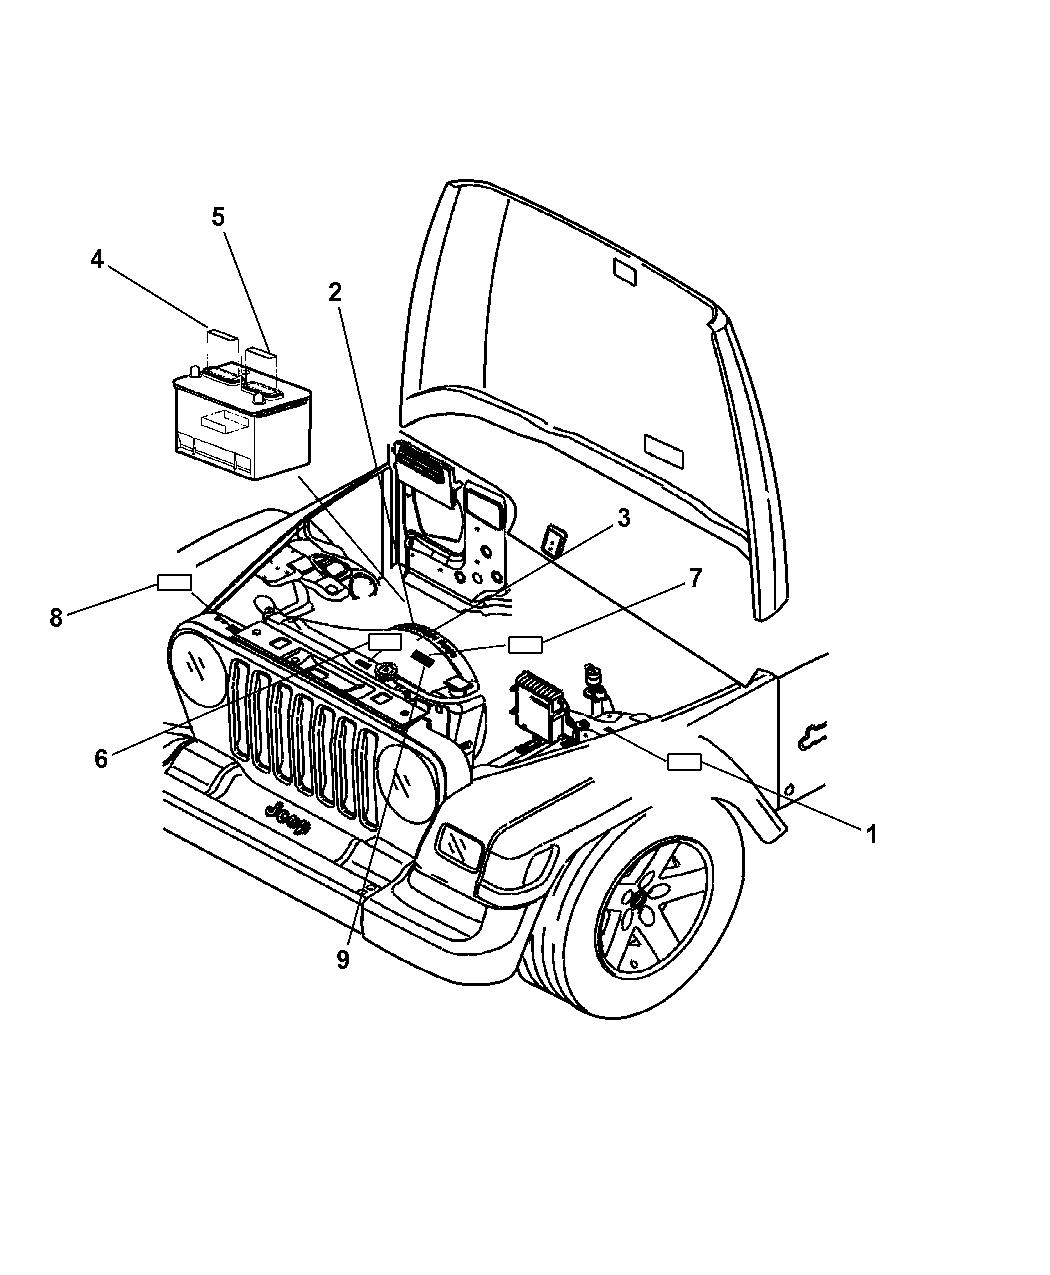 2006 Jeep Wrangler Engine Compartment - Mopar Parts Giant